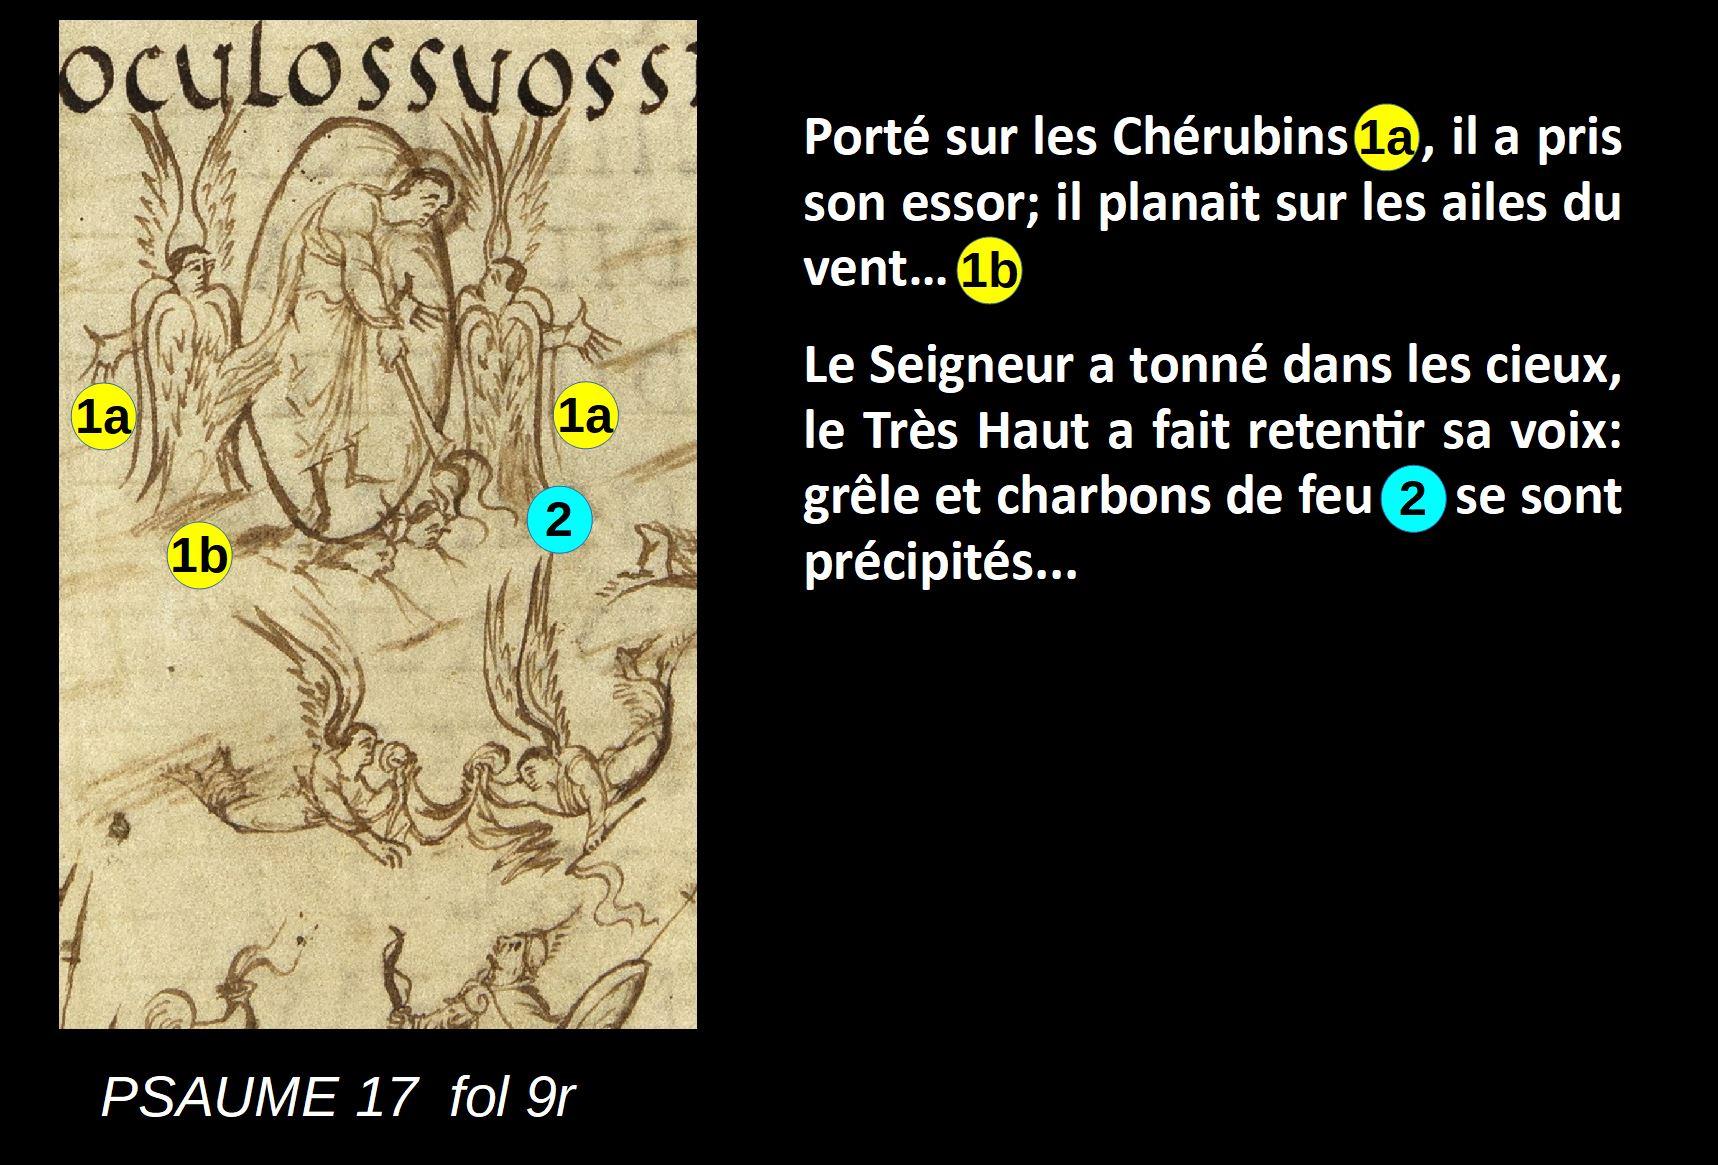 Utrecht Psalter PSAUME 17 fol 9r schema